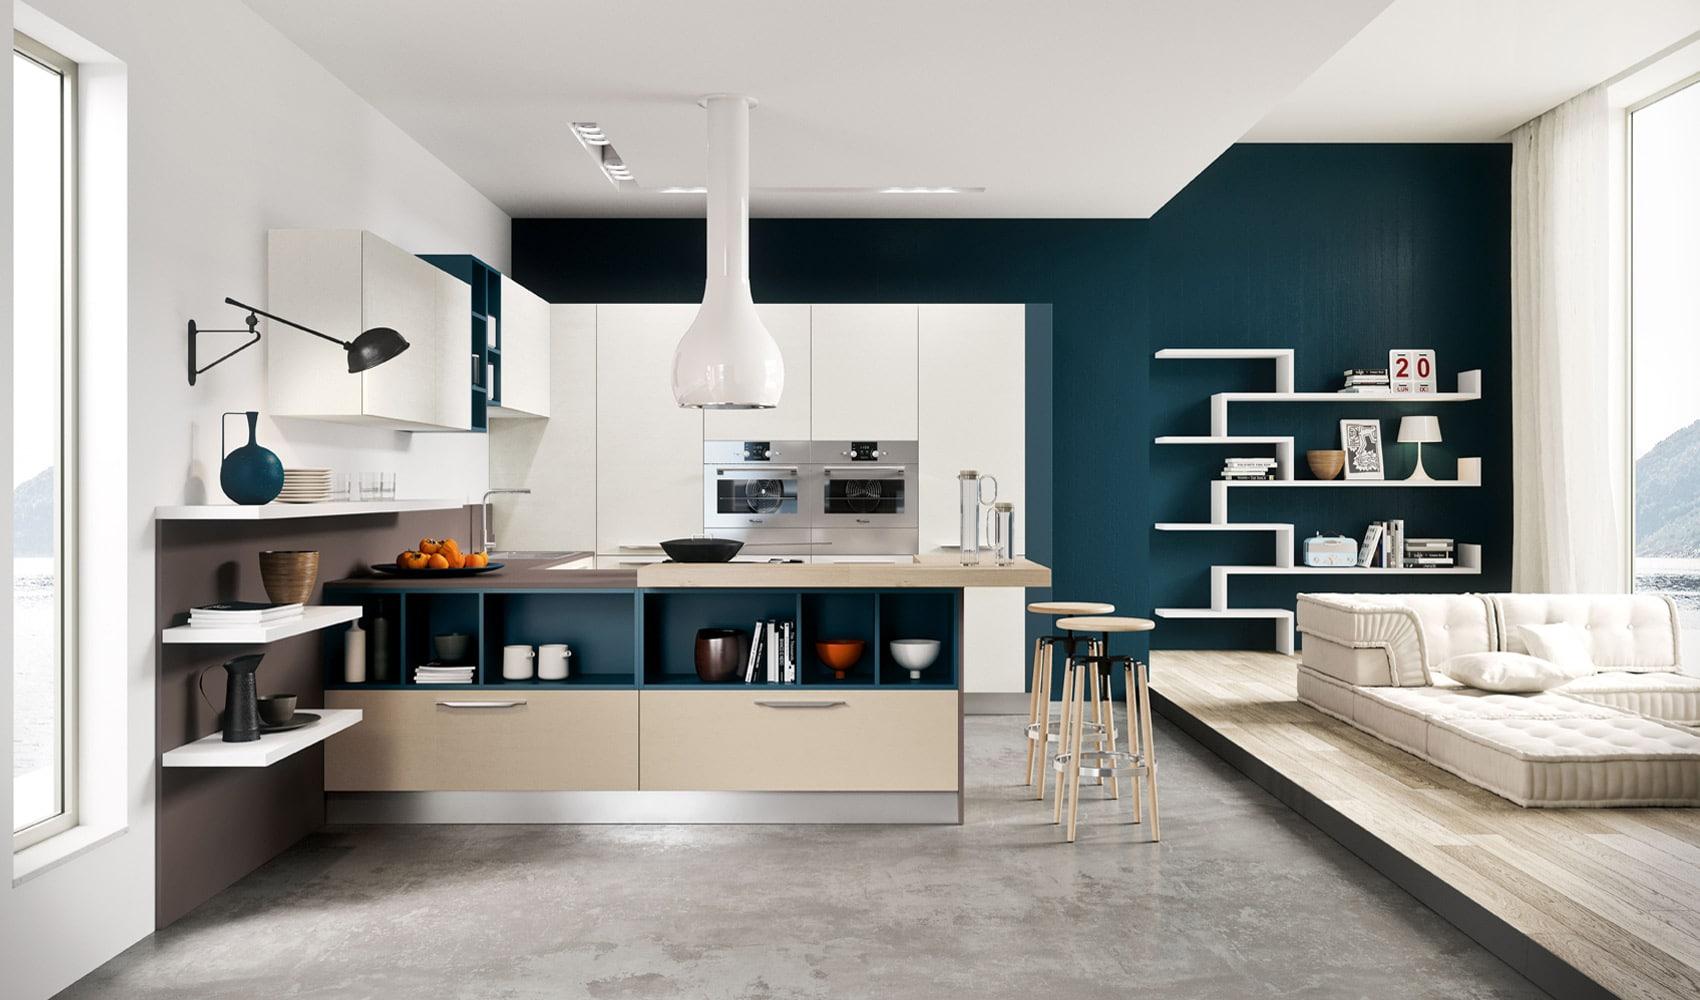 Dise o de cocinas modernas al estilo arte pop construye hogar - Construye hogar ...